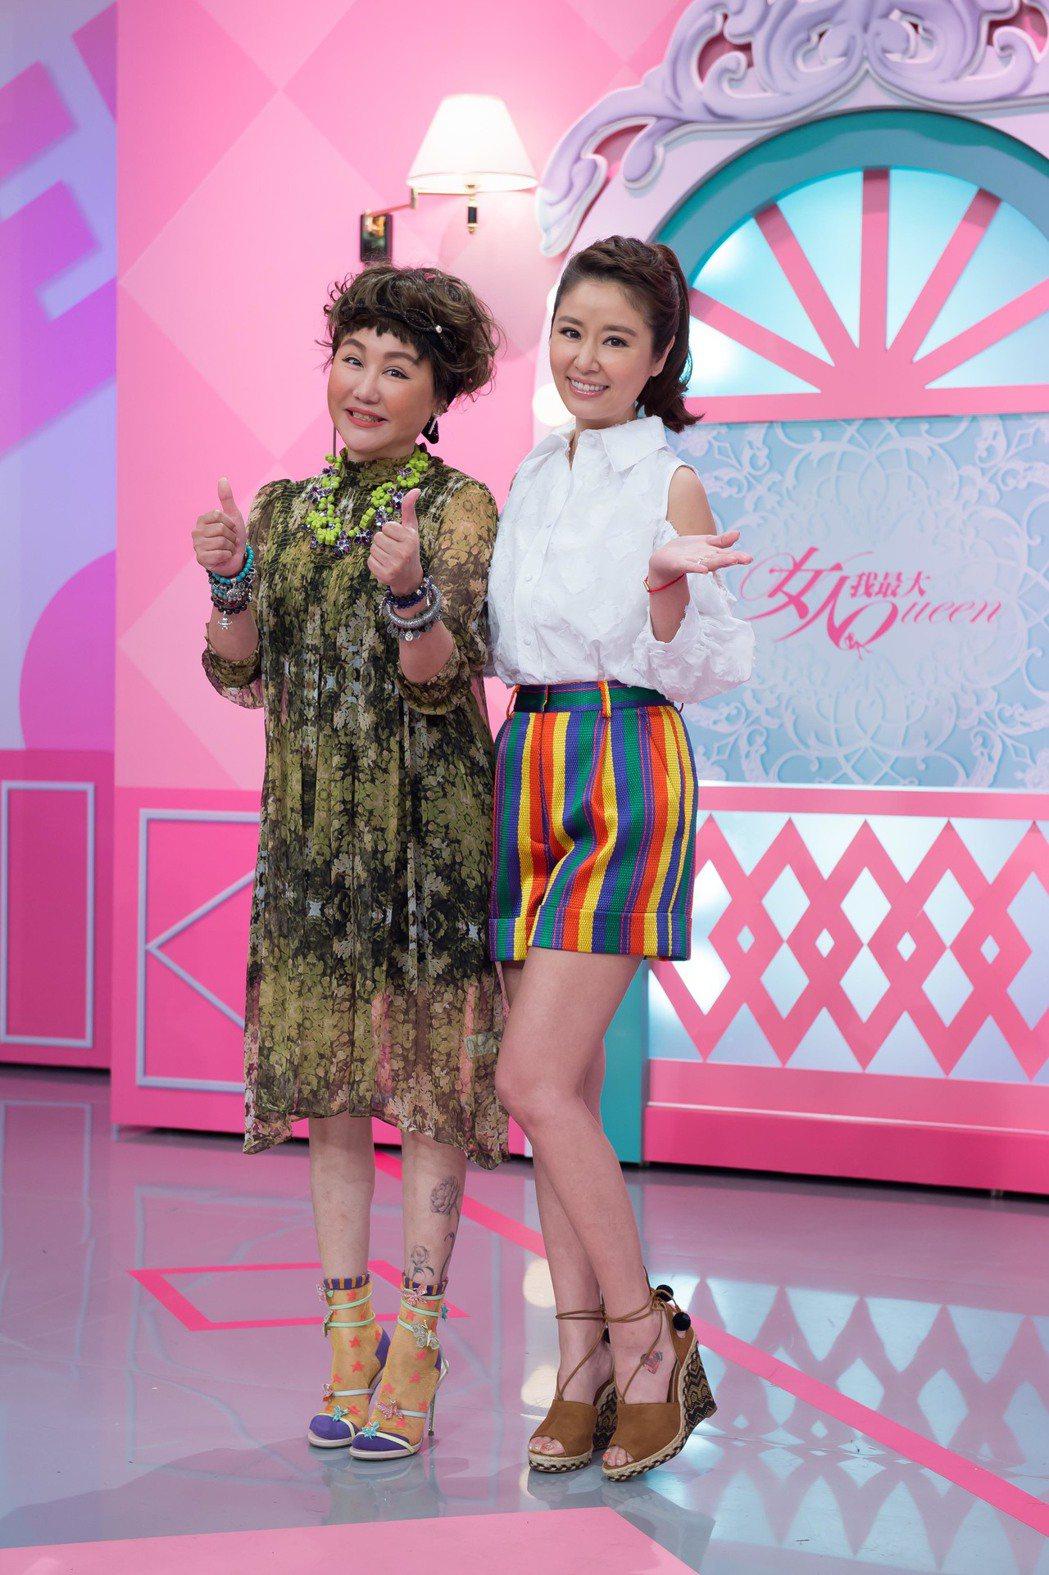 林心如(右)上藍心湄節目,身材姣好的背後,是飲食節制的辛苦。圖/TVBS提供